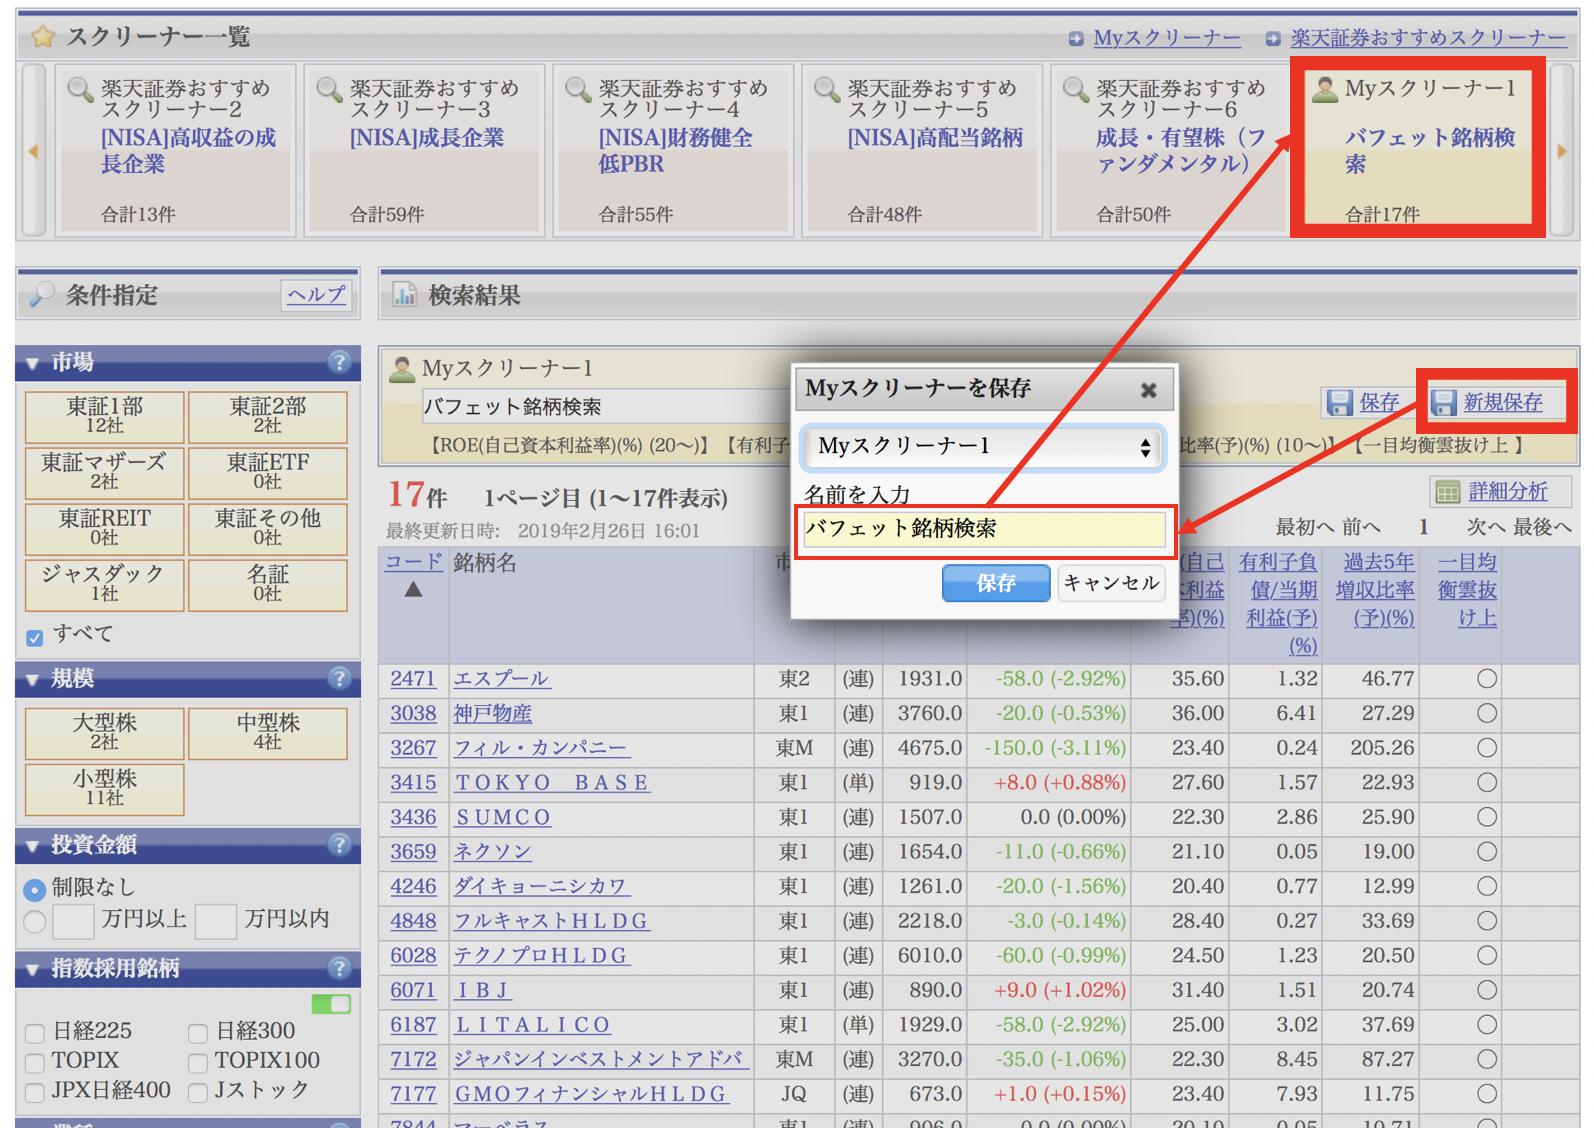 楽天証券スーパースクリーナーの検索条件保存方法